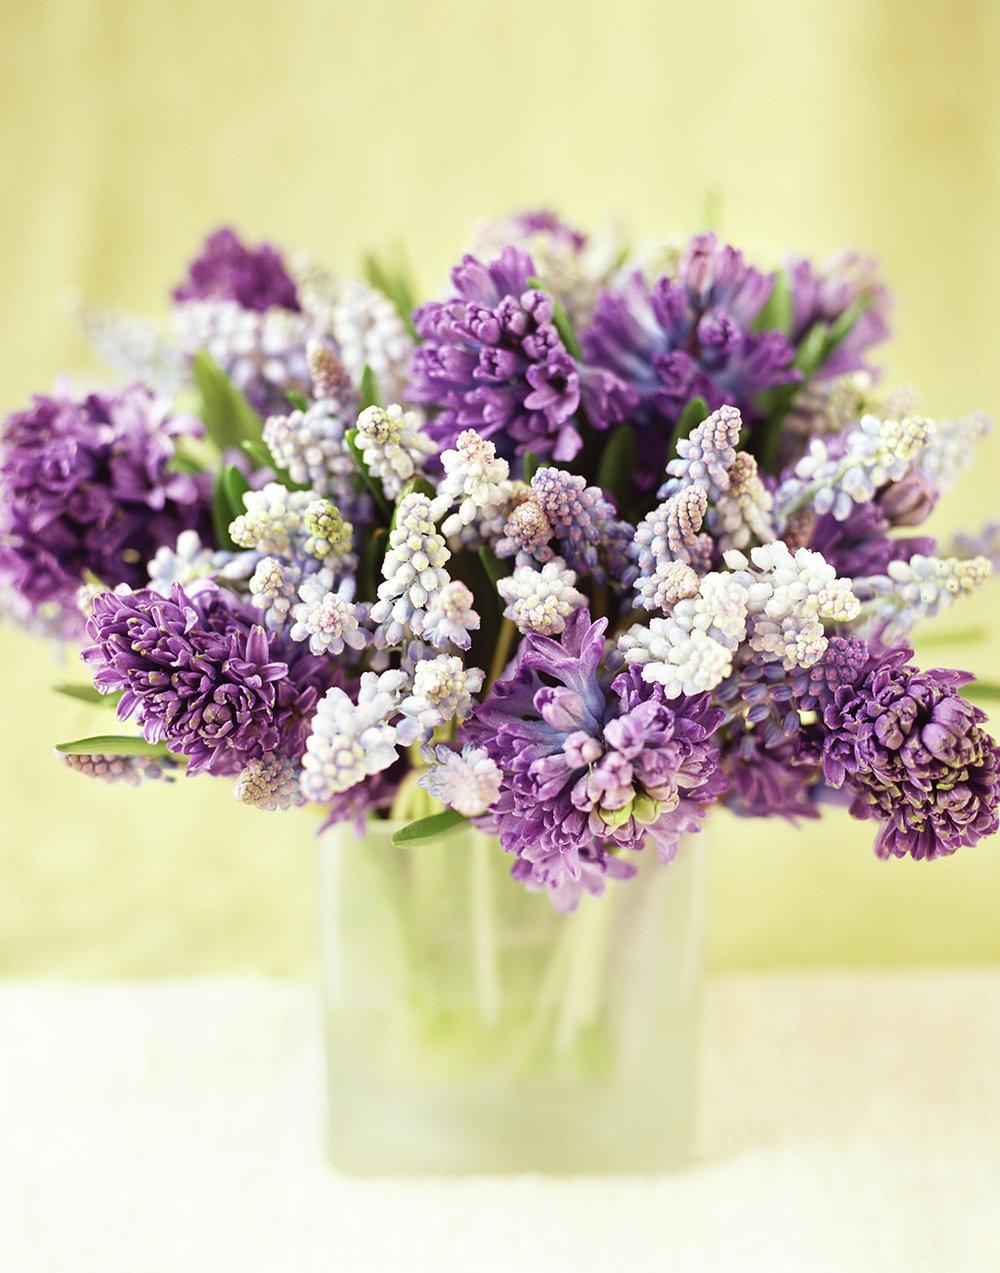 Purplebouquet.jpg